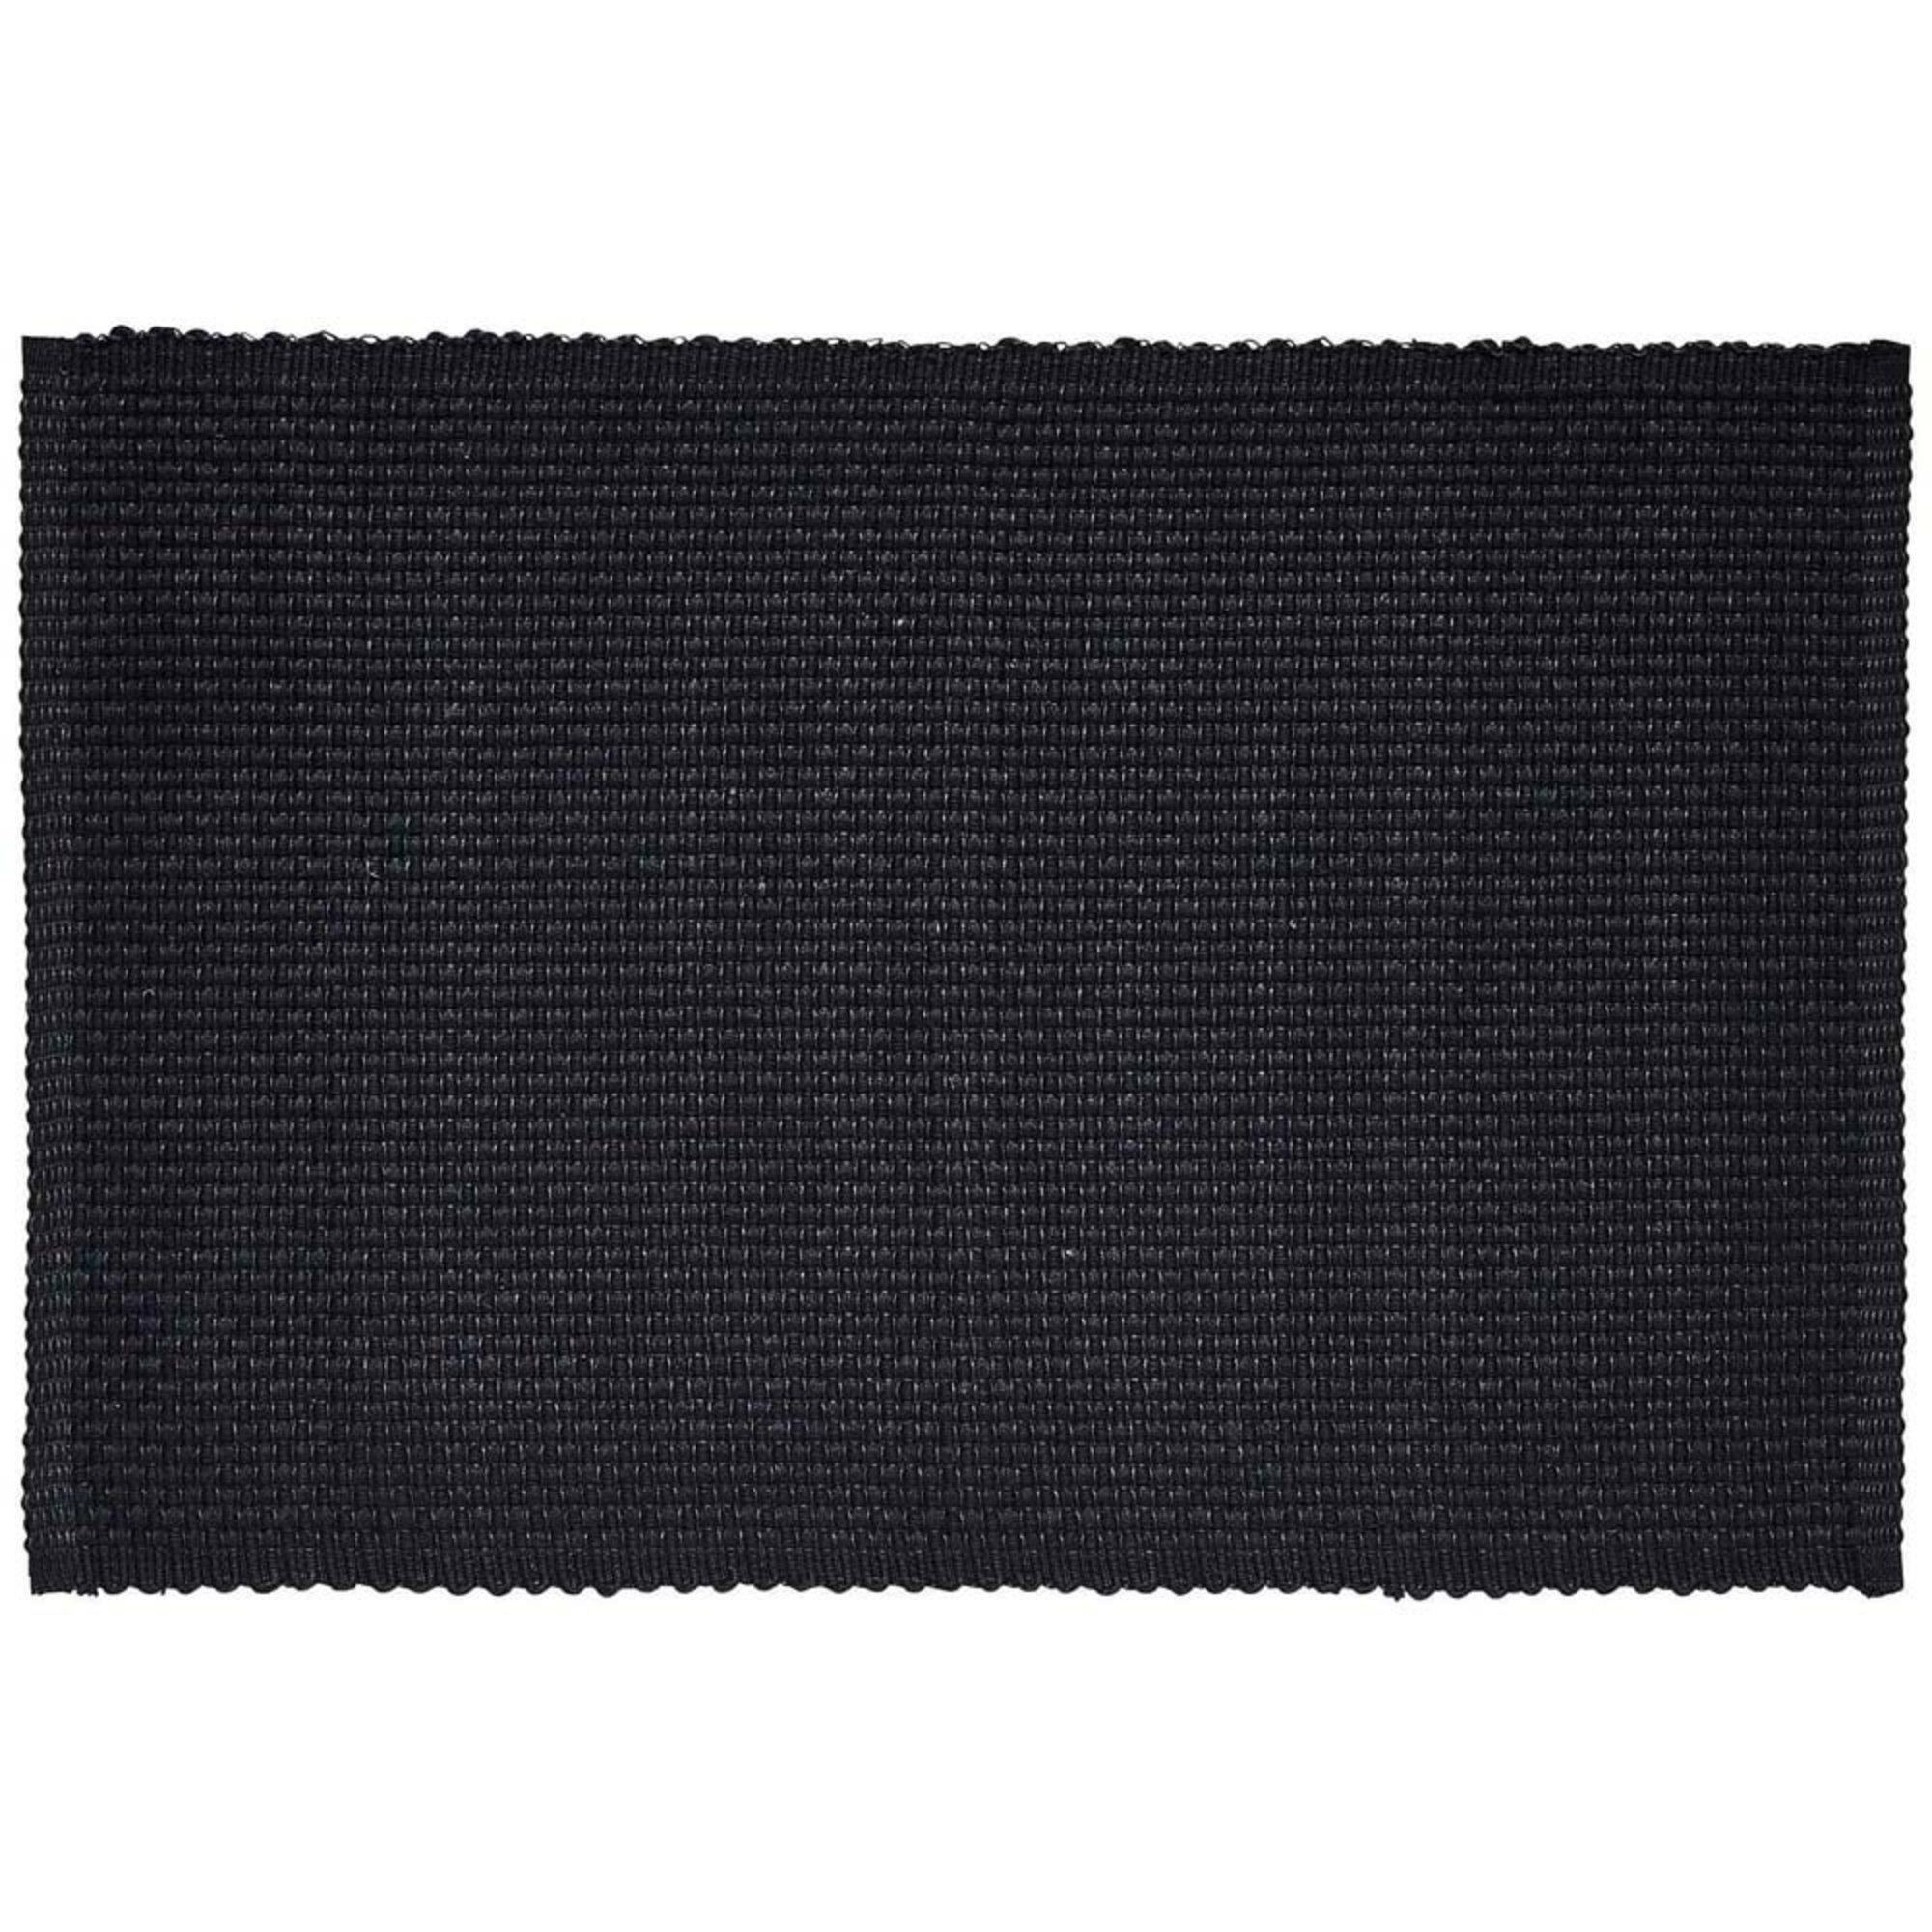 Södahl Bordstablett 33×48 Grain svart